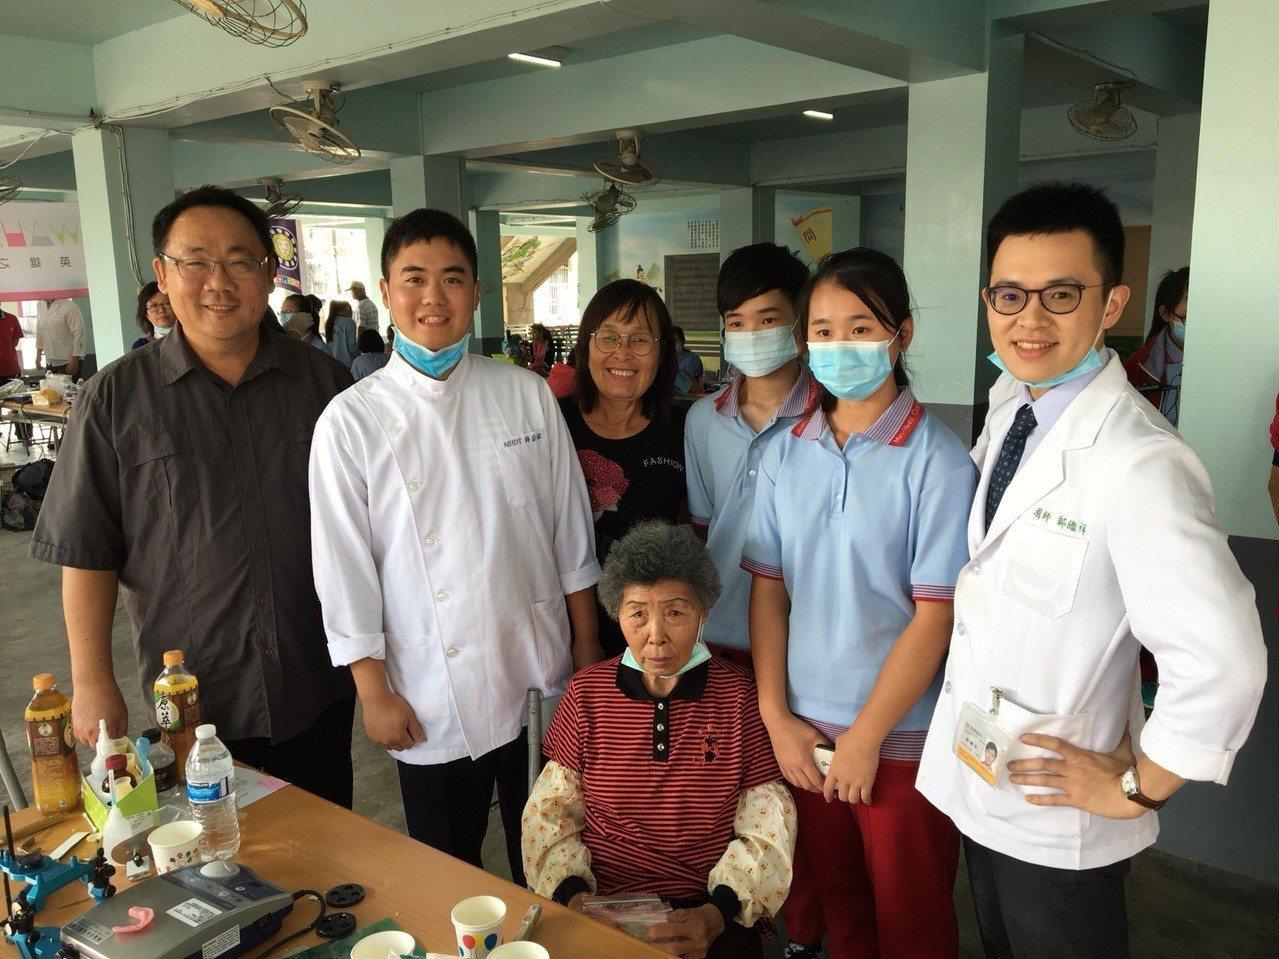 敏惠醫專常到社區辦活動陪長輩。圖/敏惠醫專提供